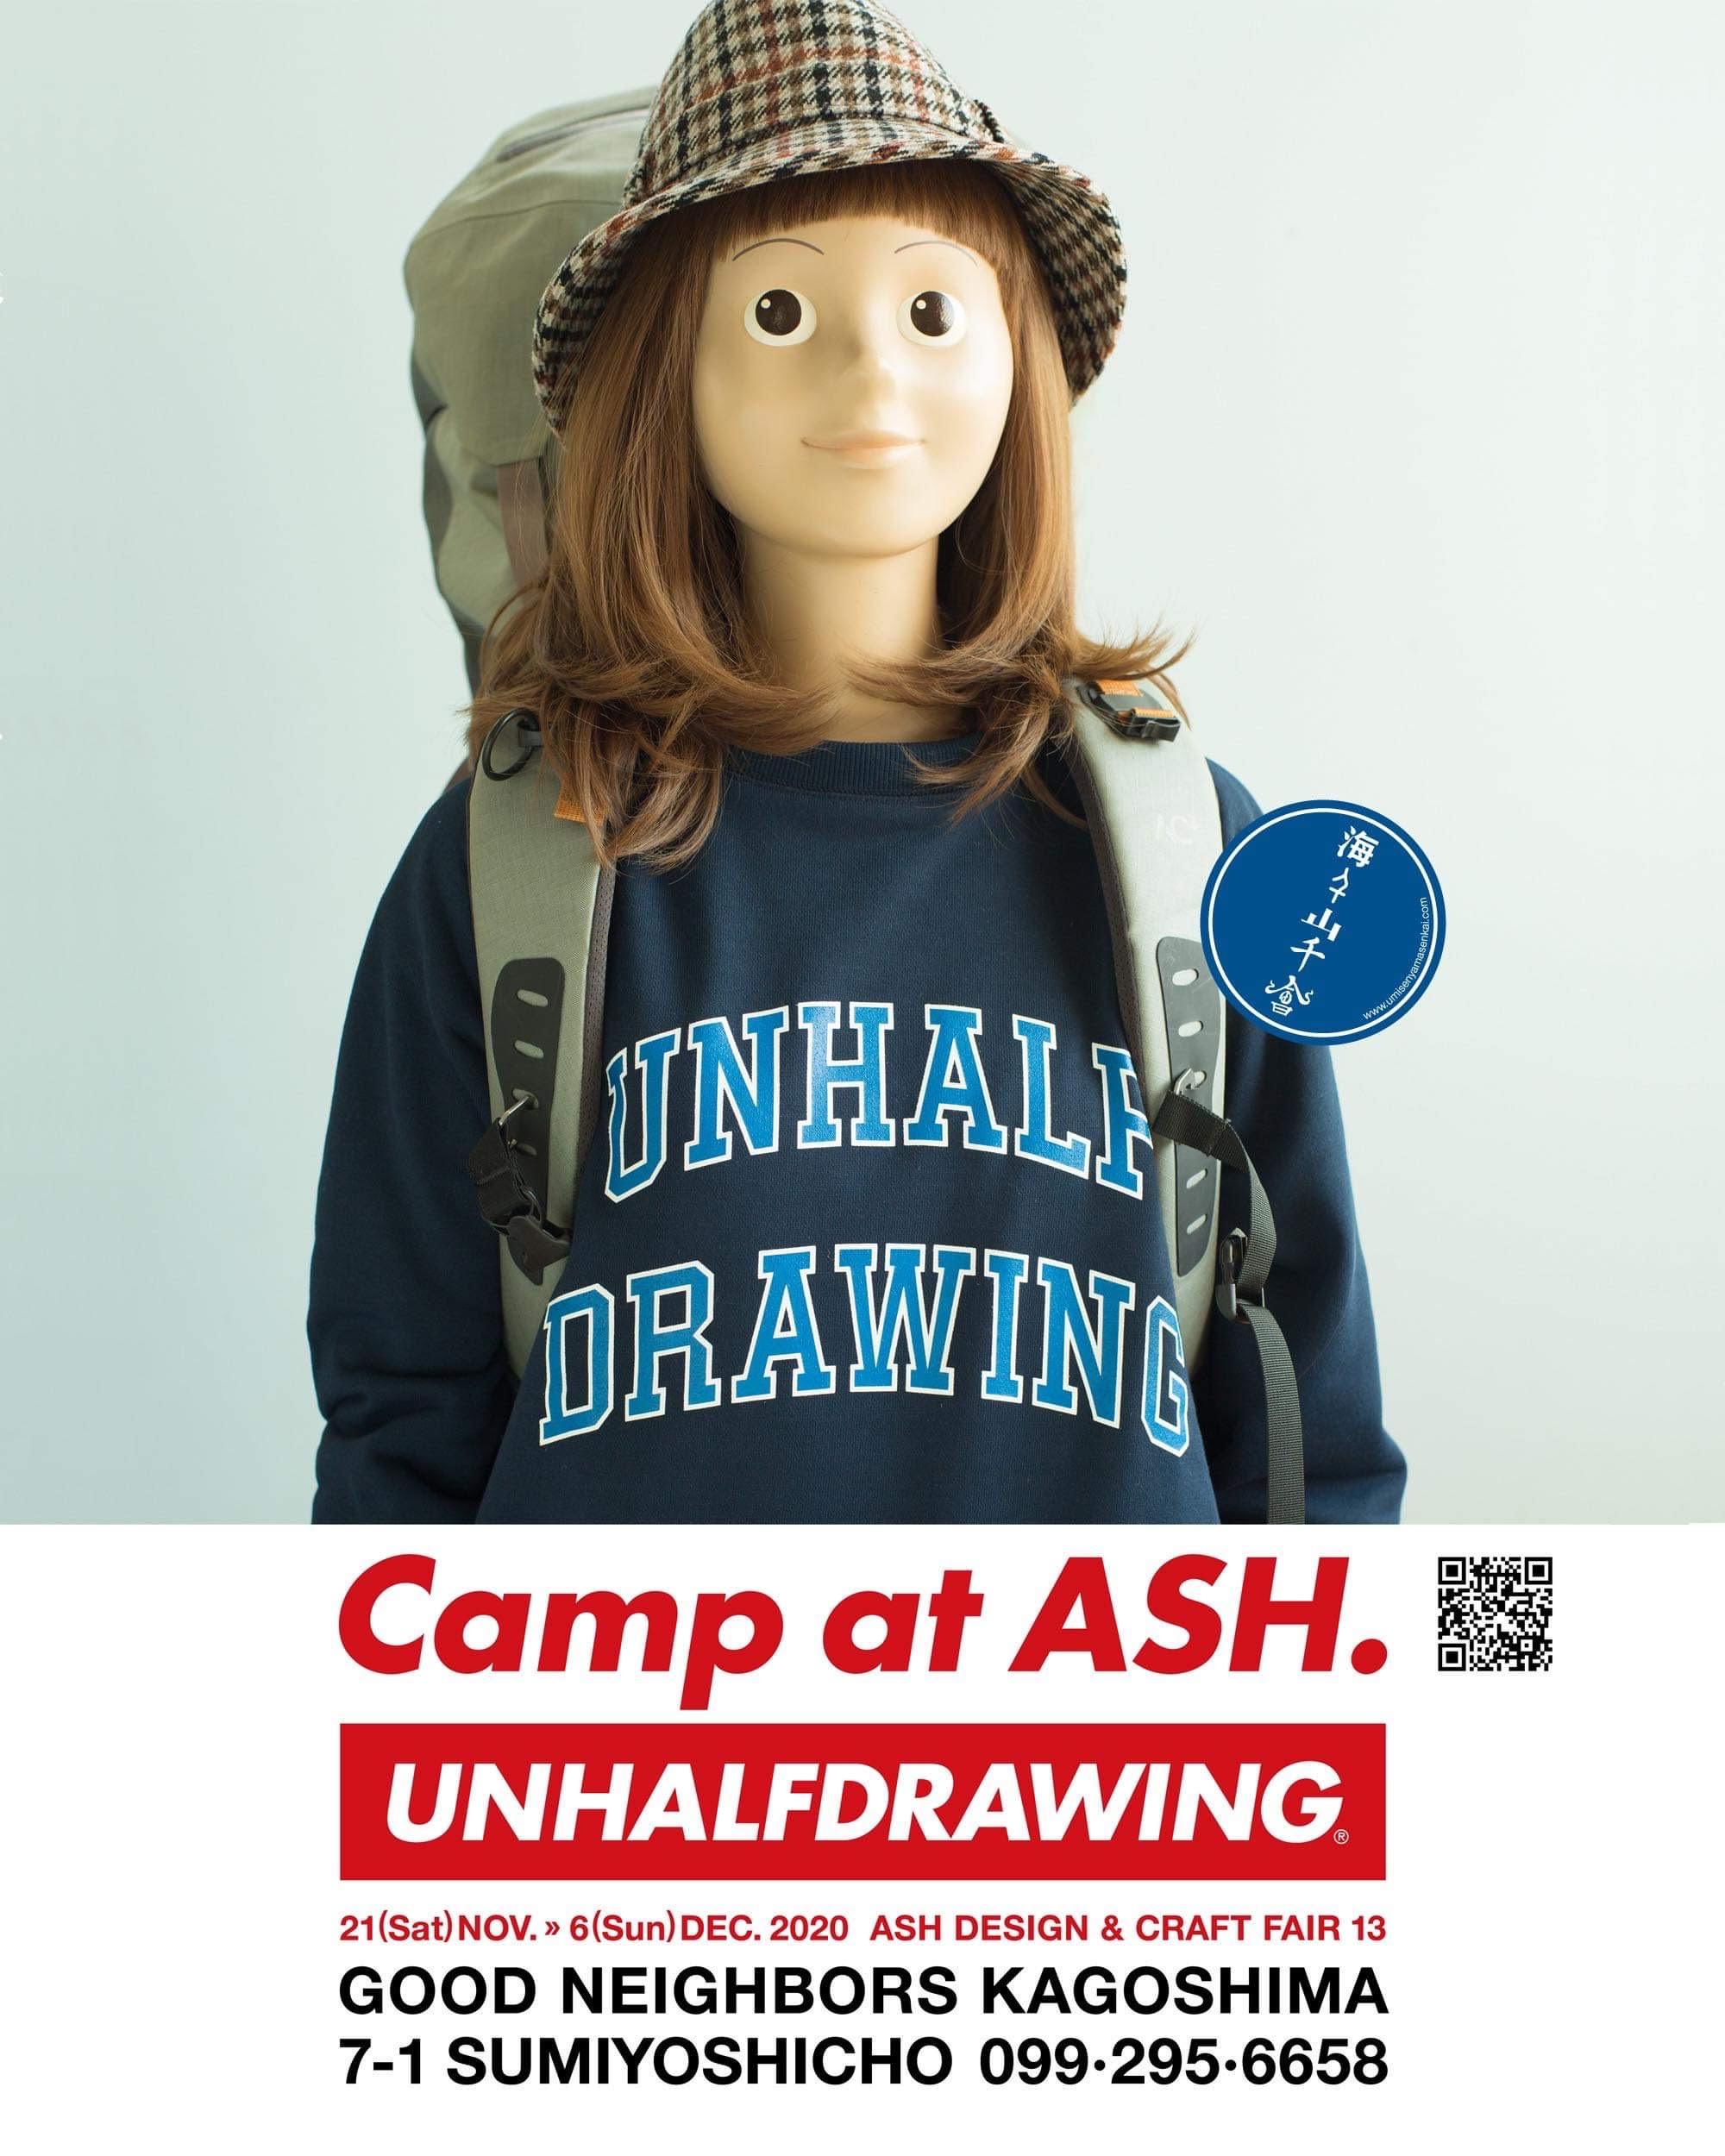 CAMP AT ASH 2020 UNHALFDRAWING